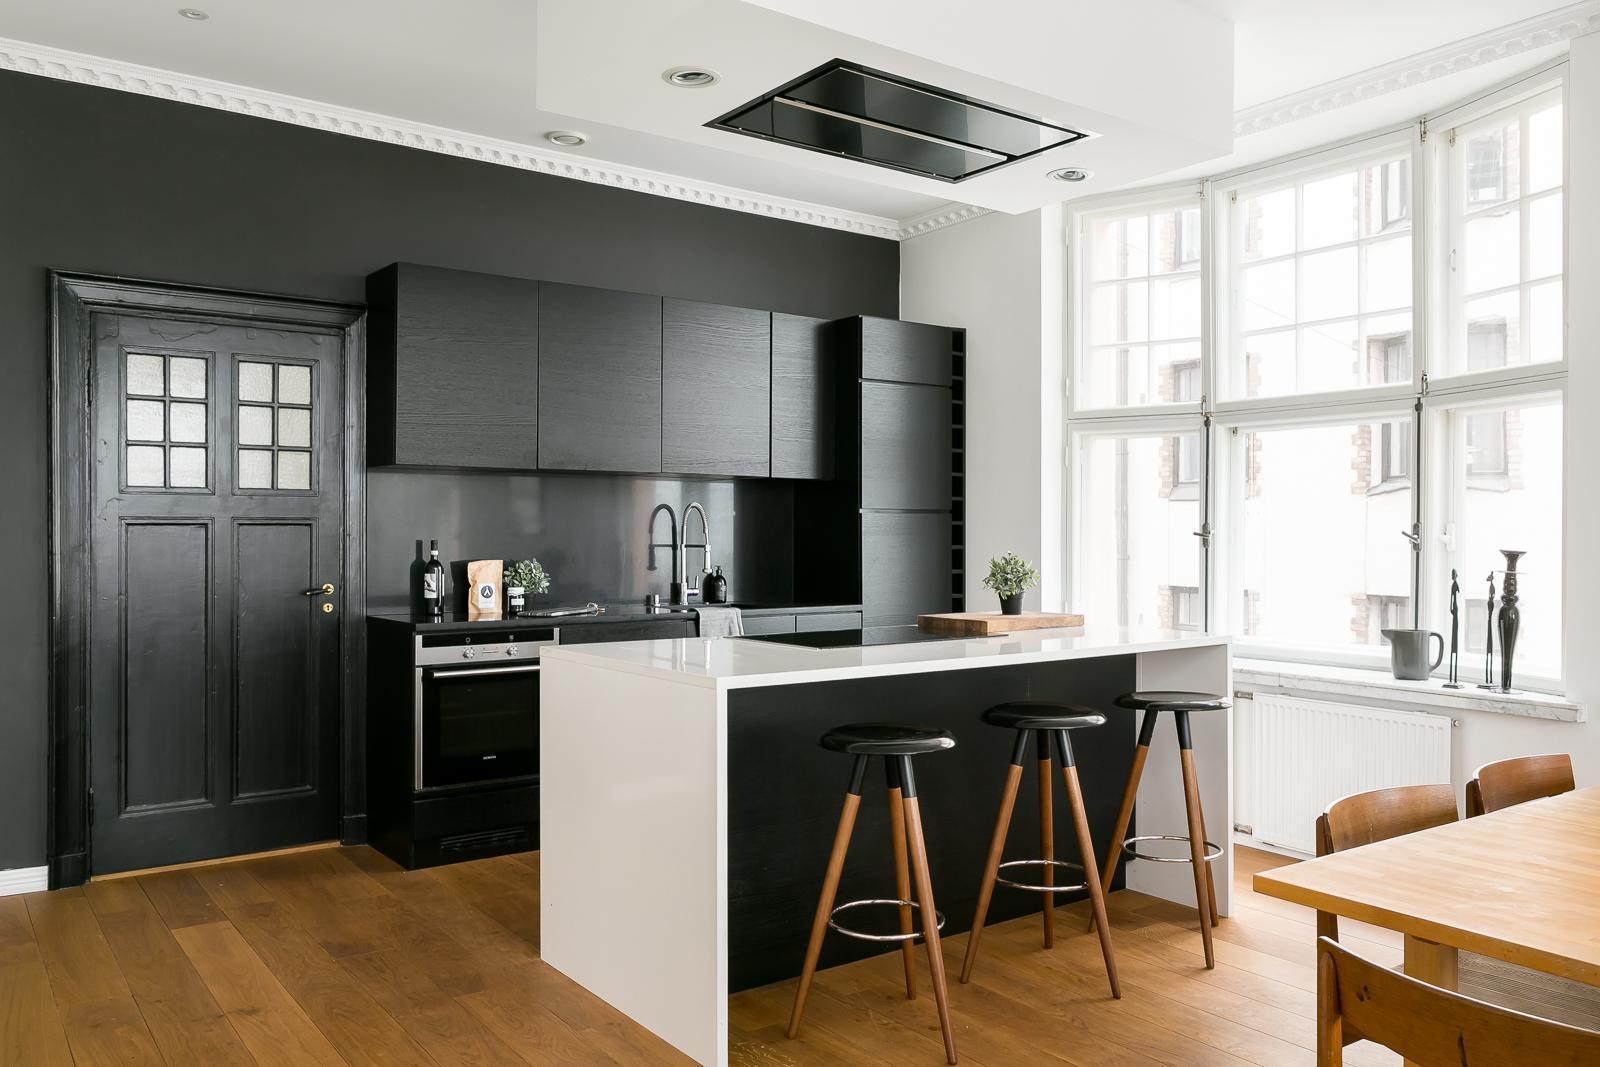 Mustavalkoinen keittiö saarekkeella  Etuovi com Ideat & vinkit